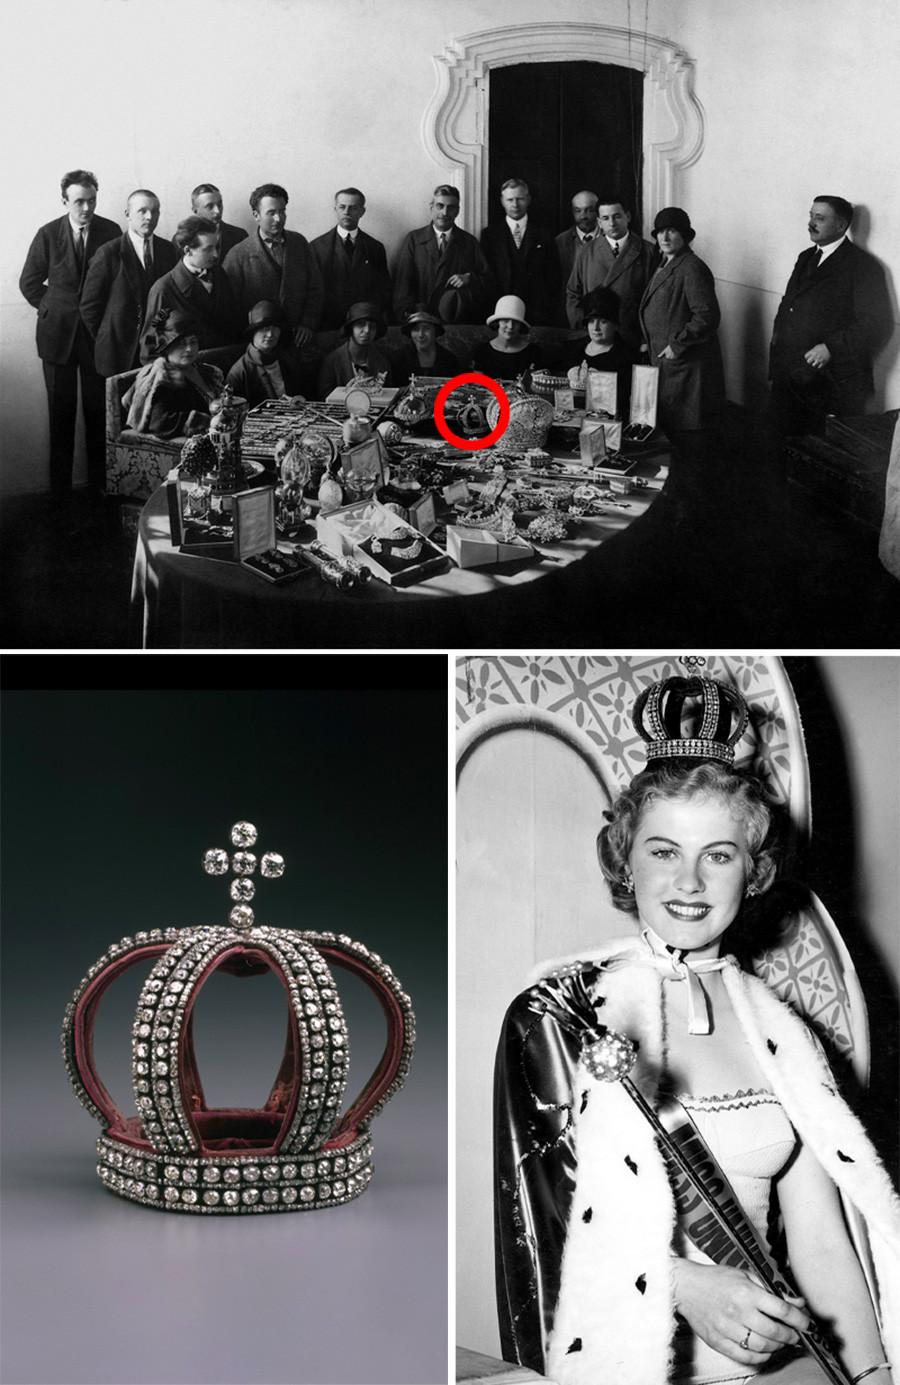 Эта корона была среди прочих драгоценностей, подготовленных для продажи на аукционах. В 1952 году она украсит голову победительницы конкурса красоты в Калифорнии.